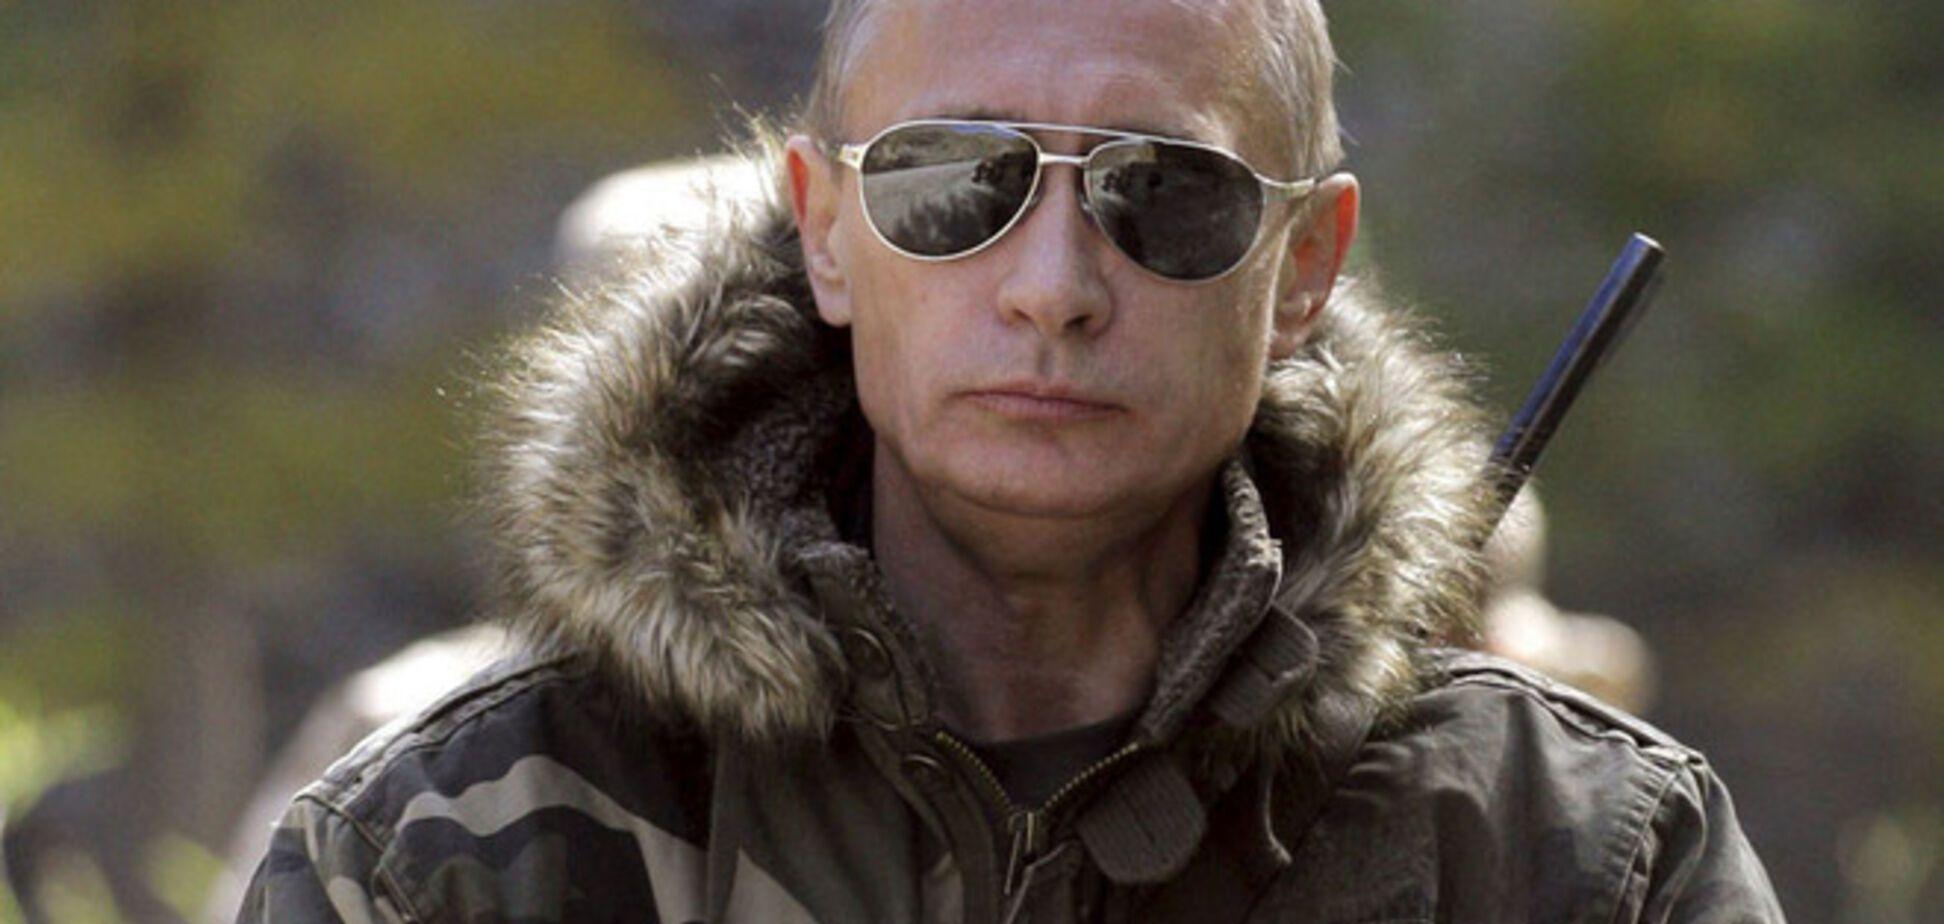 Путін ніяк не може визначитися: він злий поліцейський або добрий - Фєсєнко